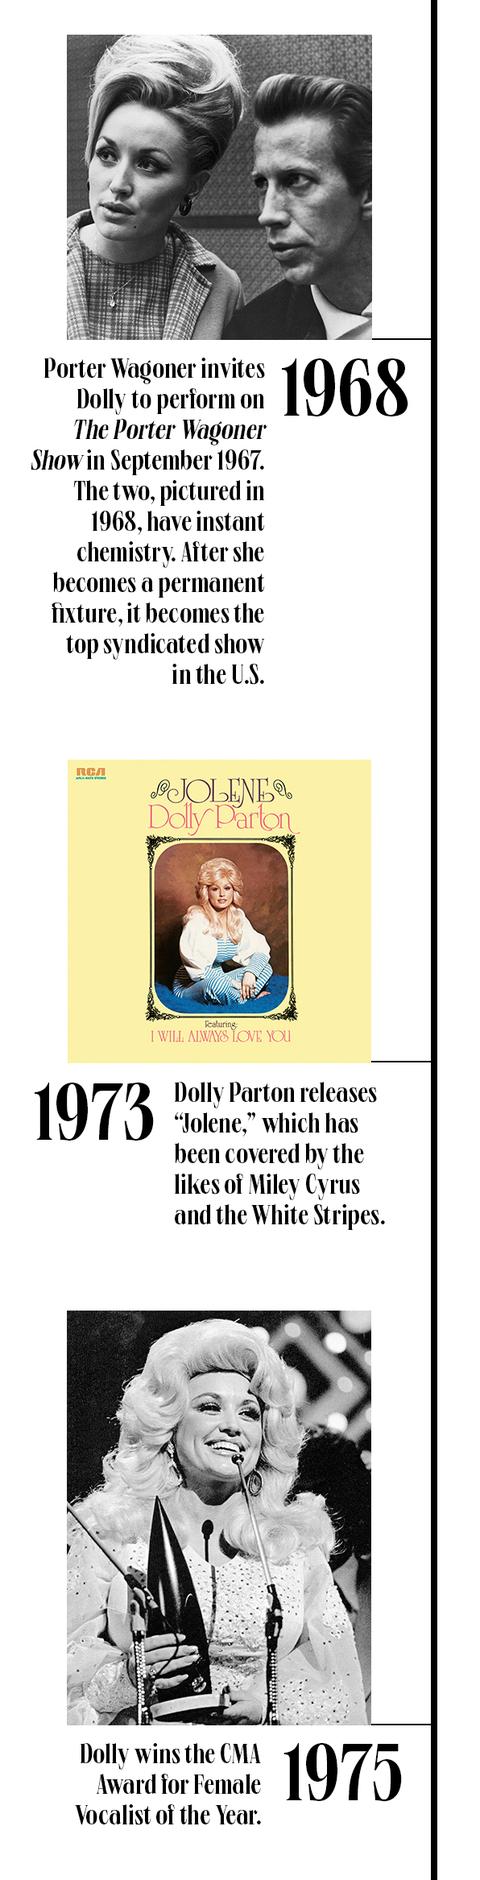 dolly parton 1968 1975